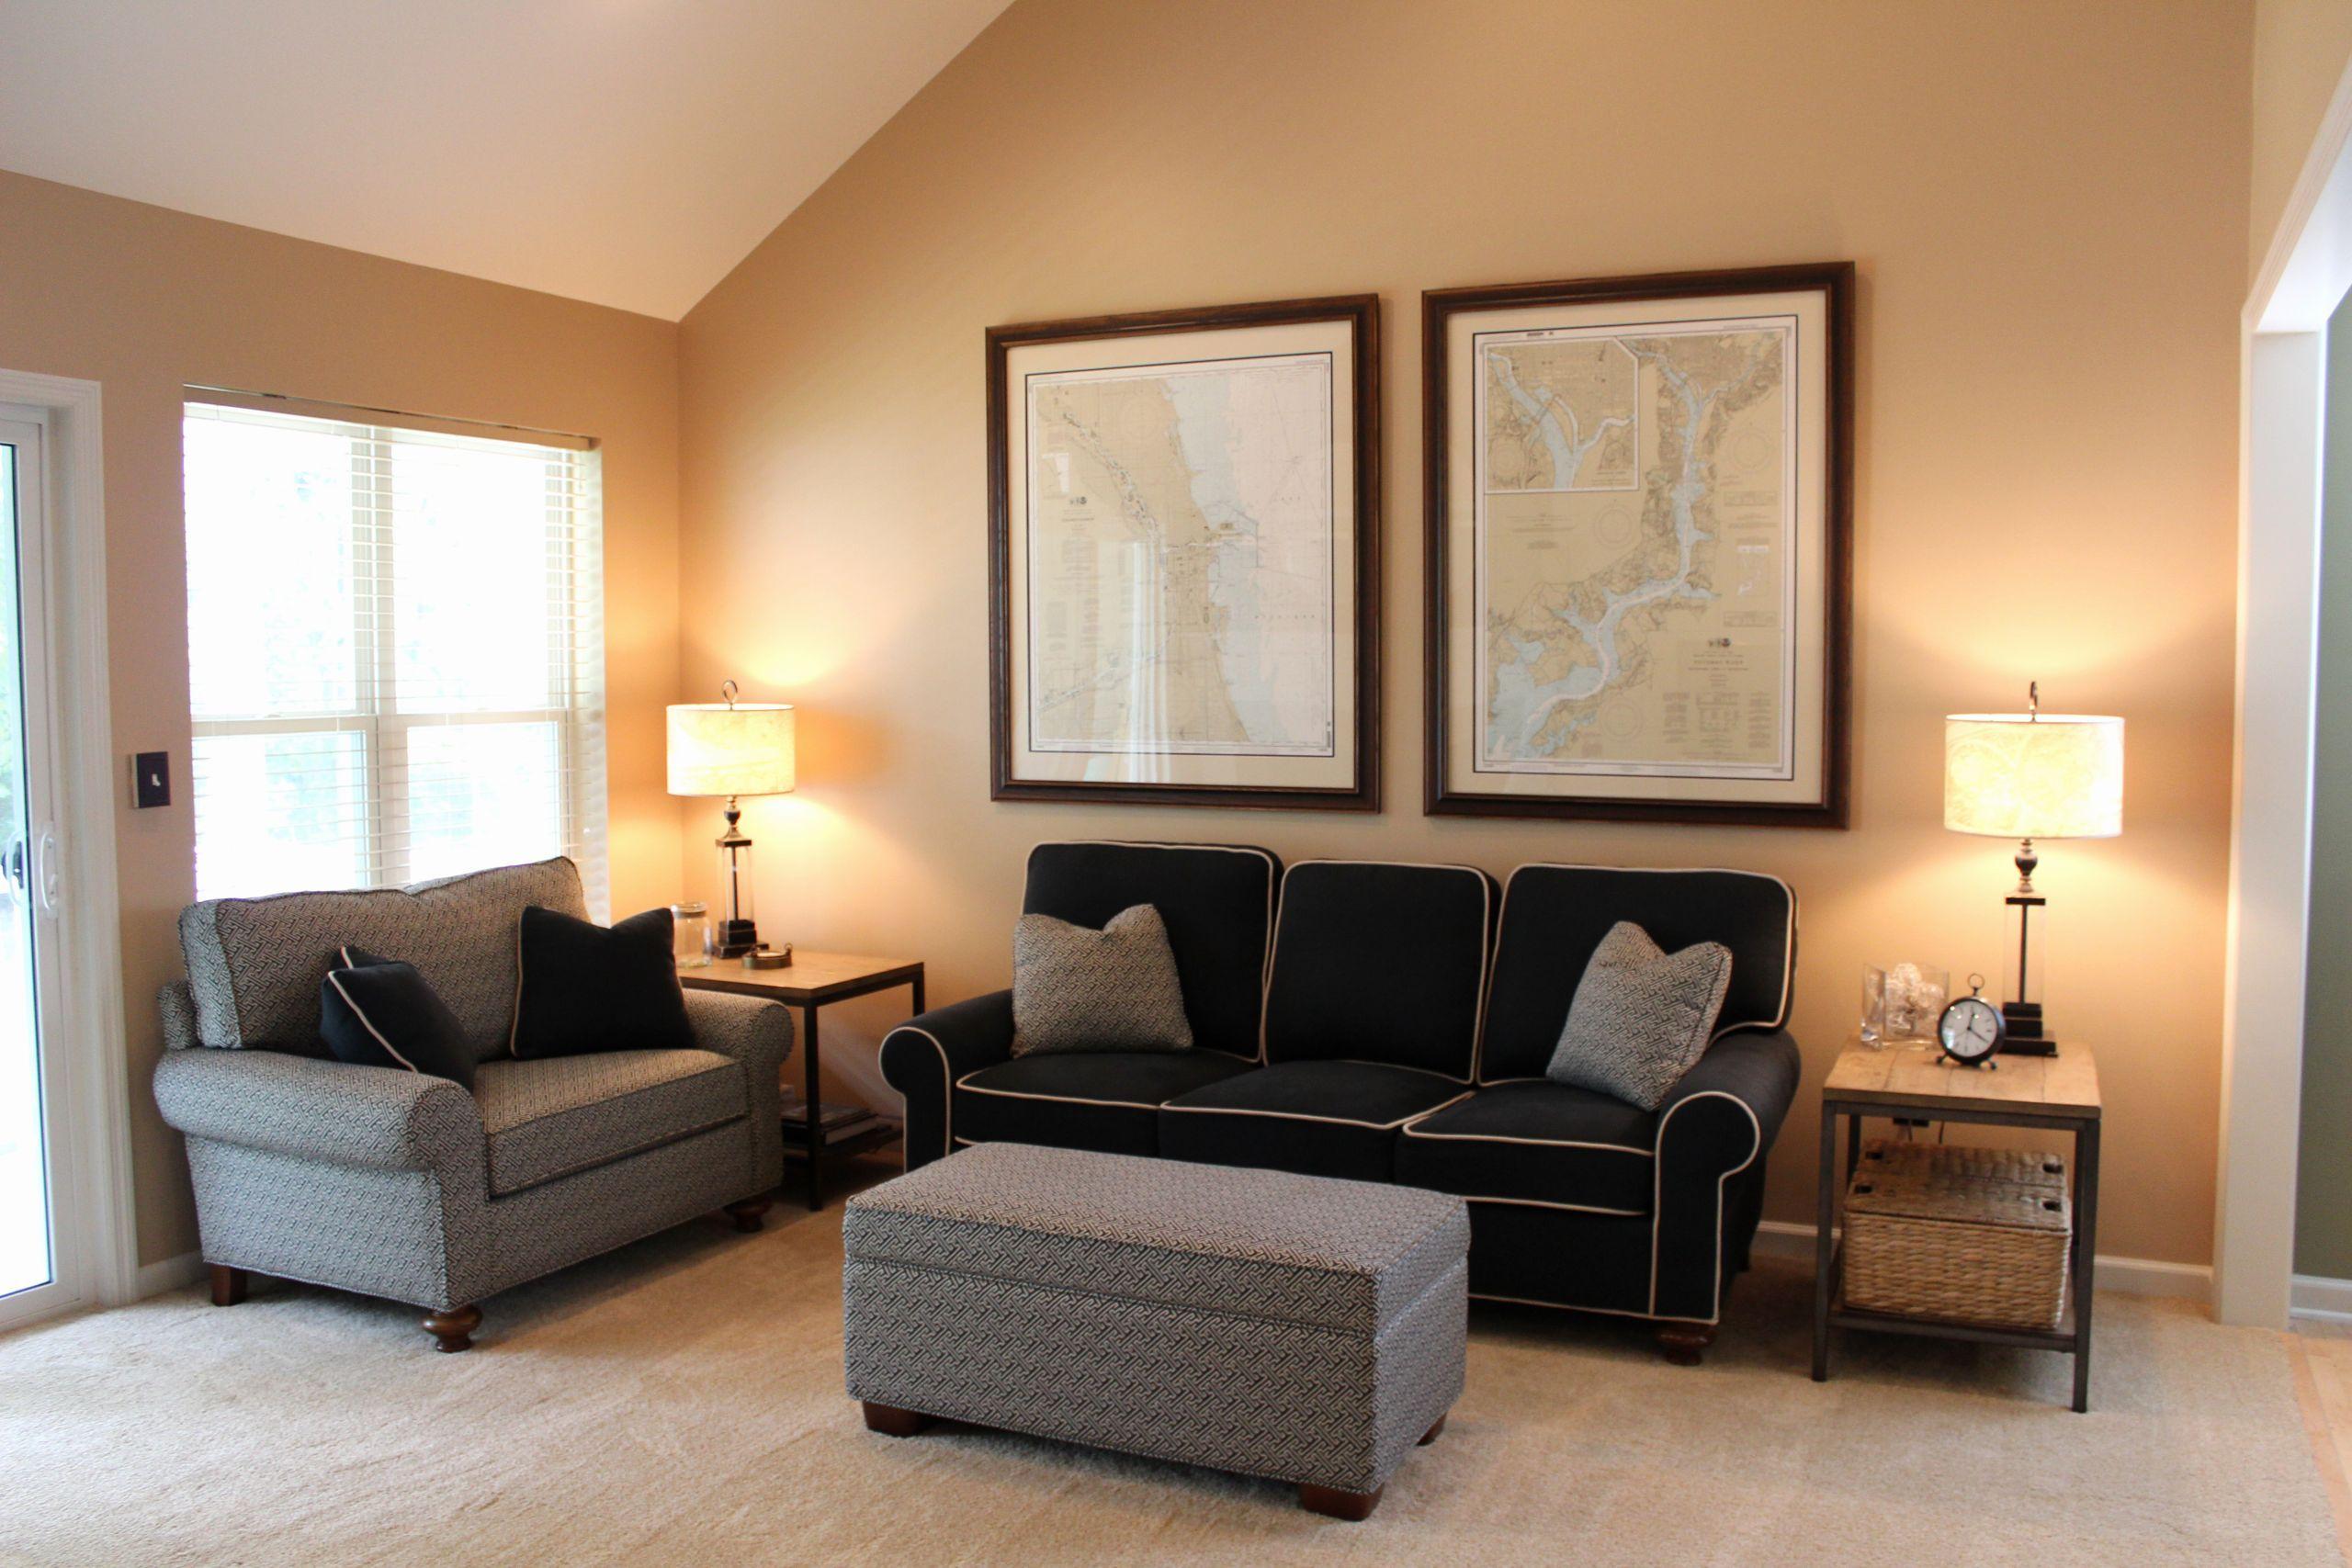 Desain Ruang Tamu Cream Living Room Color Schemes Living Room Color Room Wall Colors